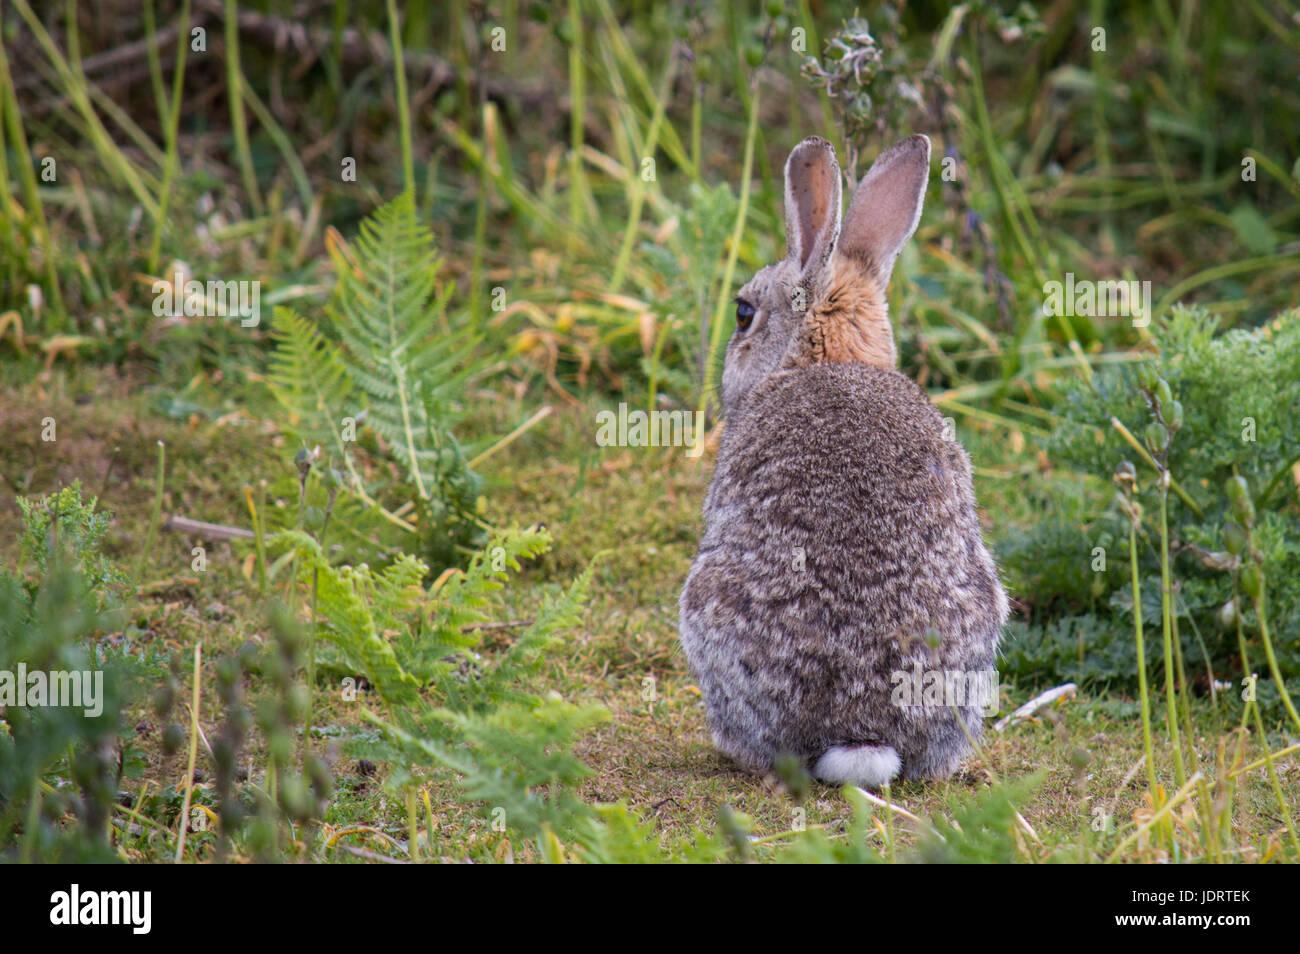 wilde kaninchen von hinten stockfoto bild 146197595 alamy. Black Bedroom Furniture Sets. Home Design Ideas